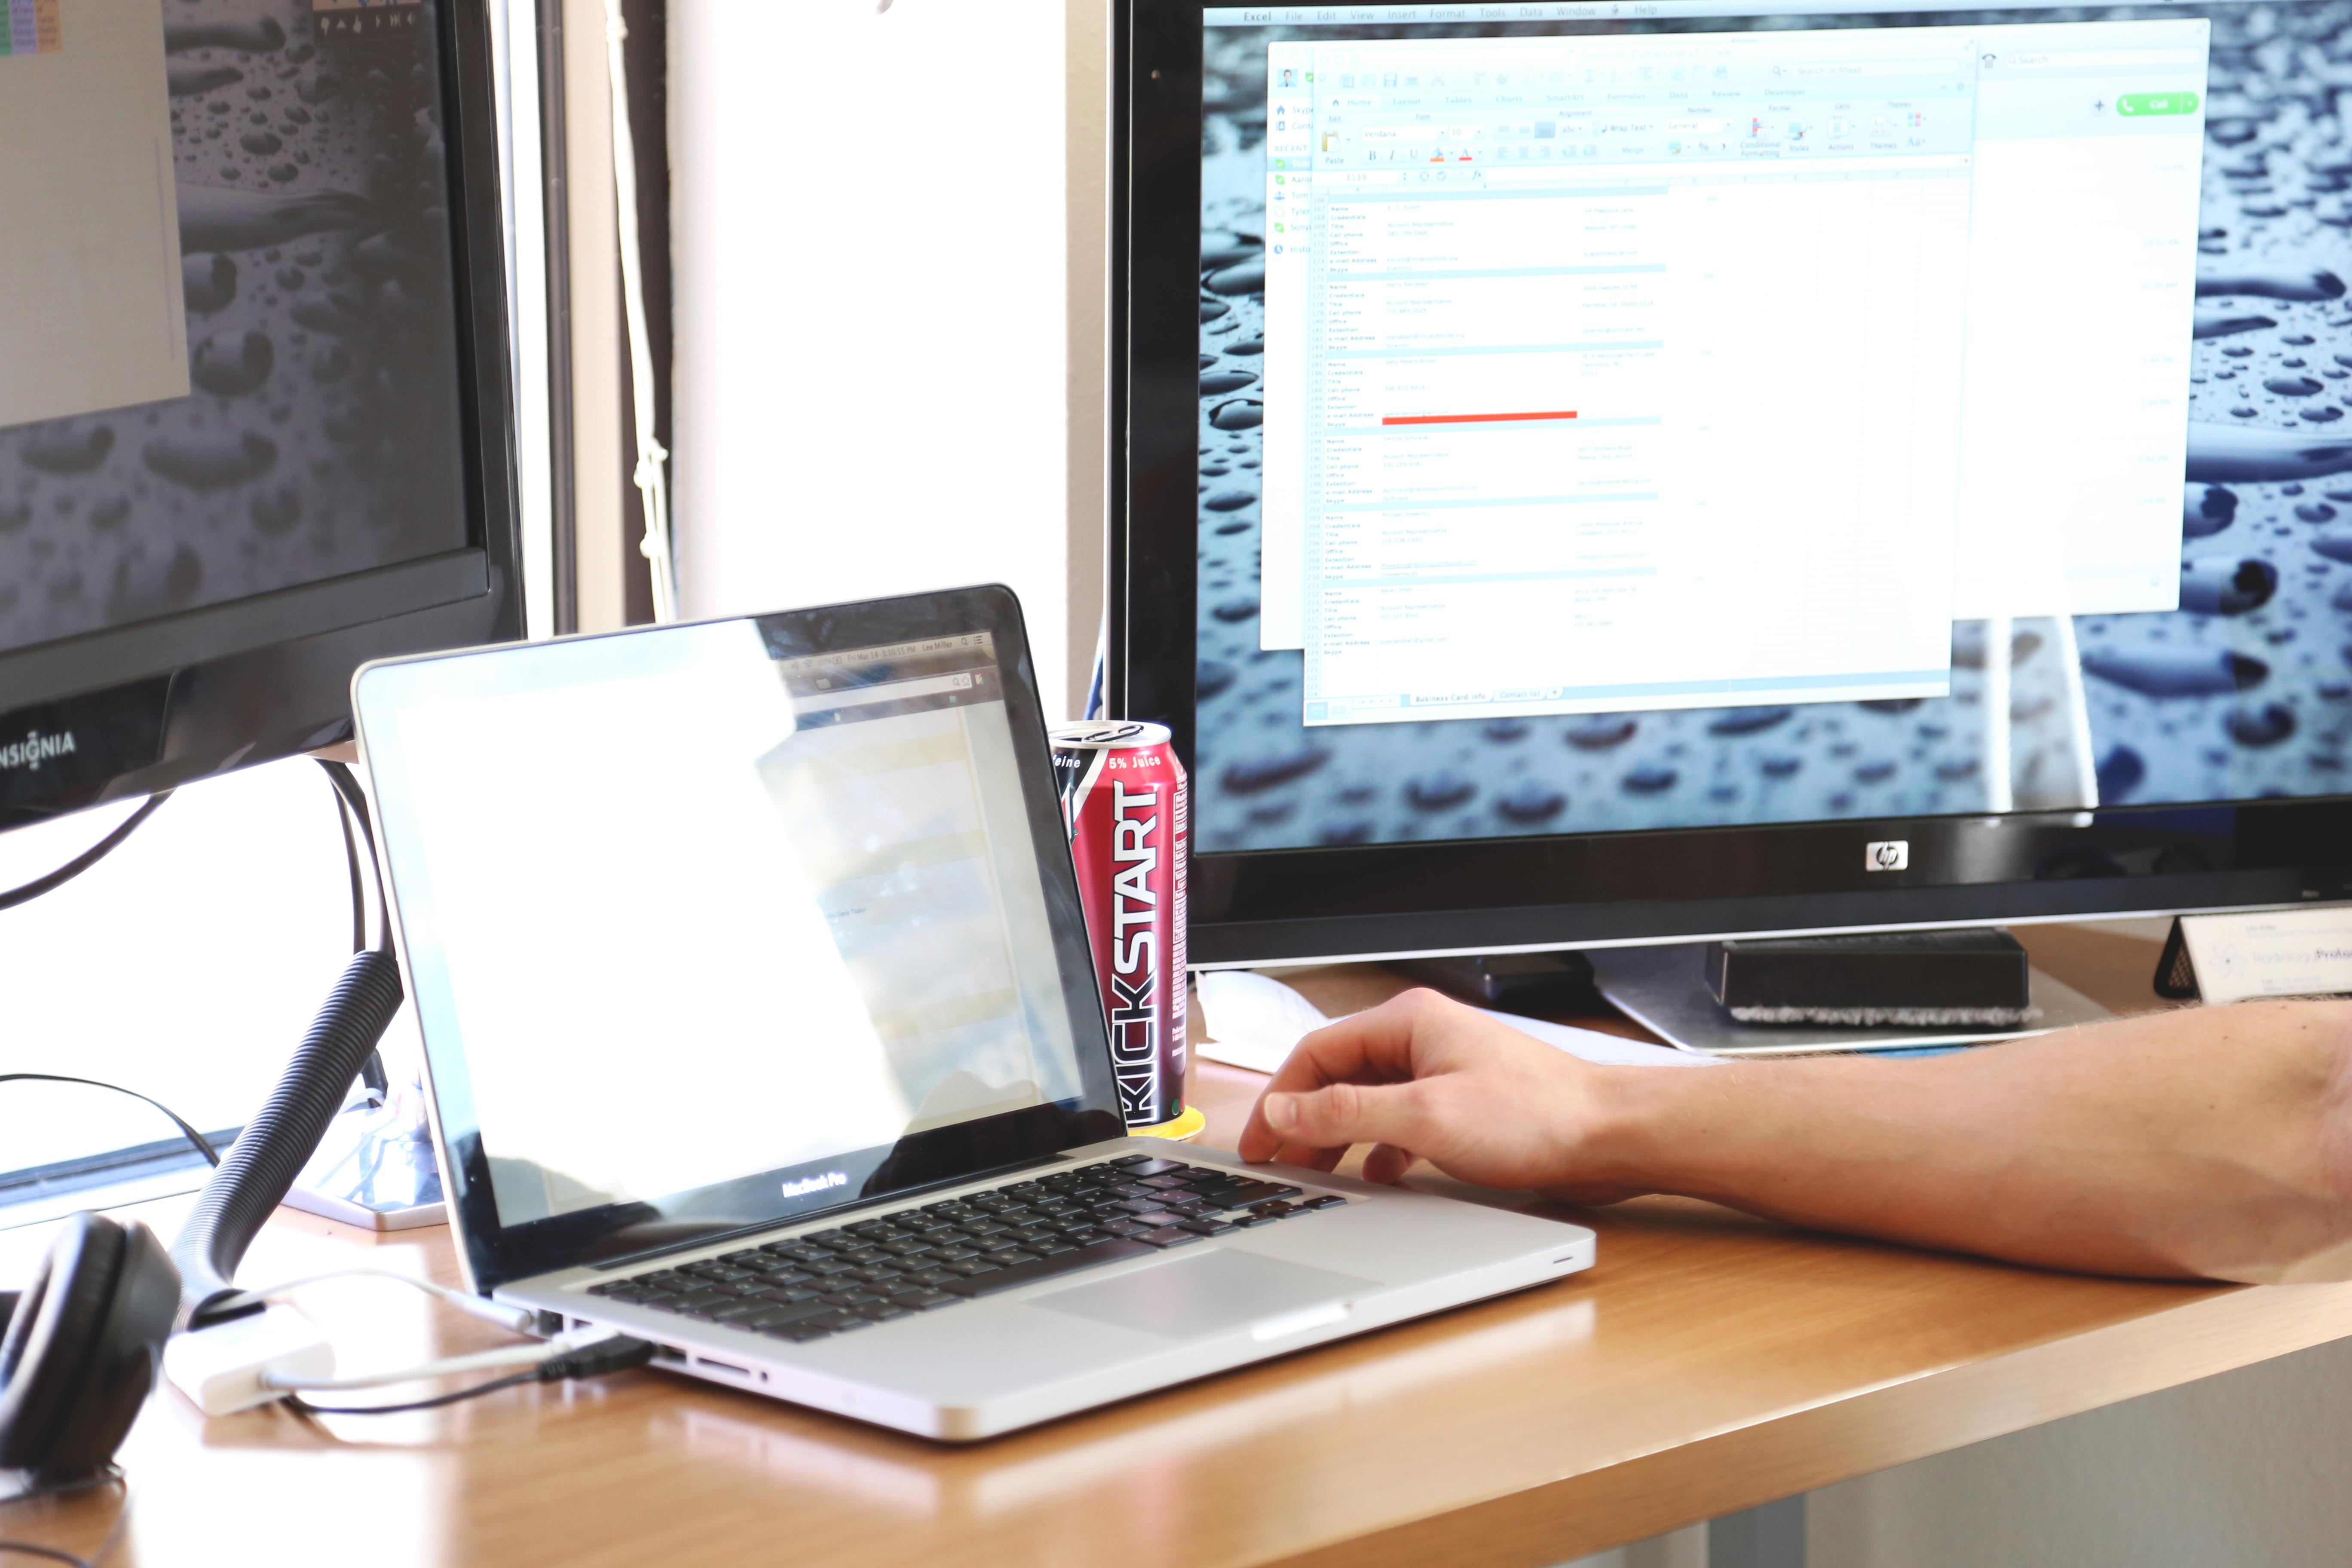 Vil du starte en blog? Her er et par ting du bør lære først!